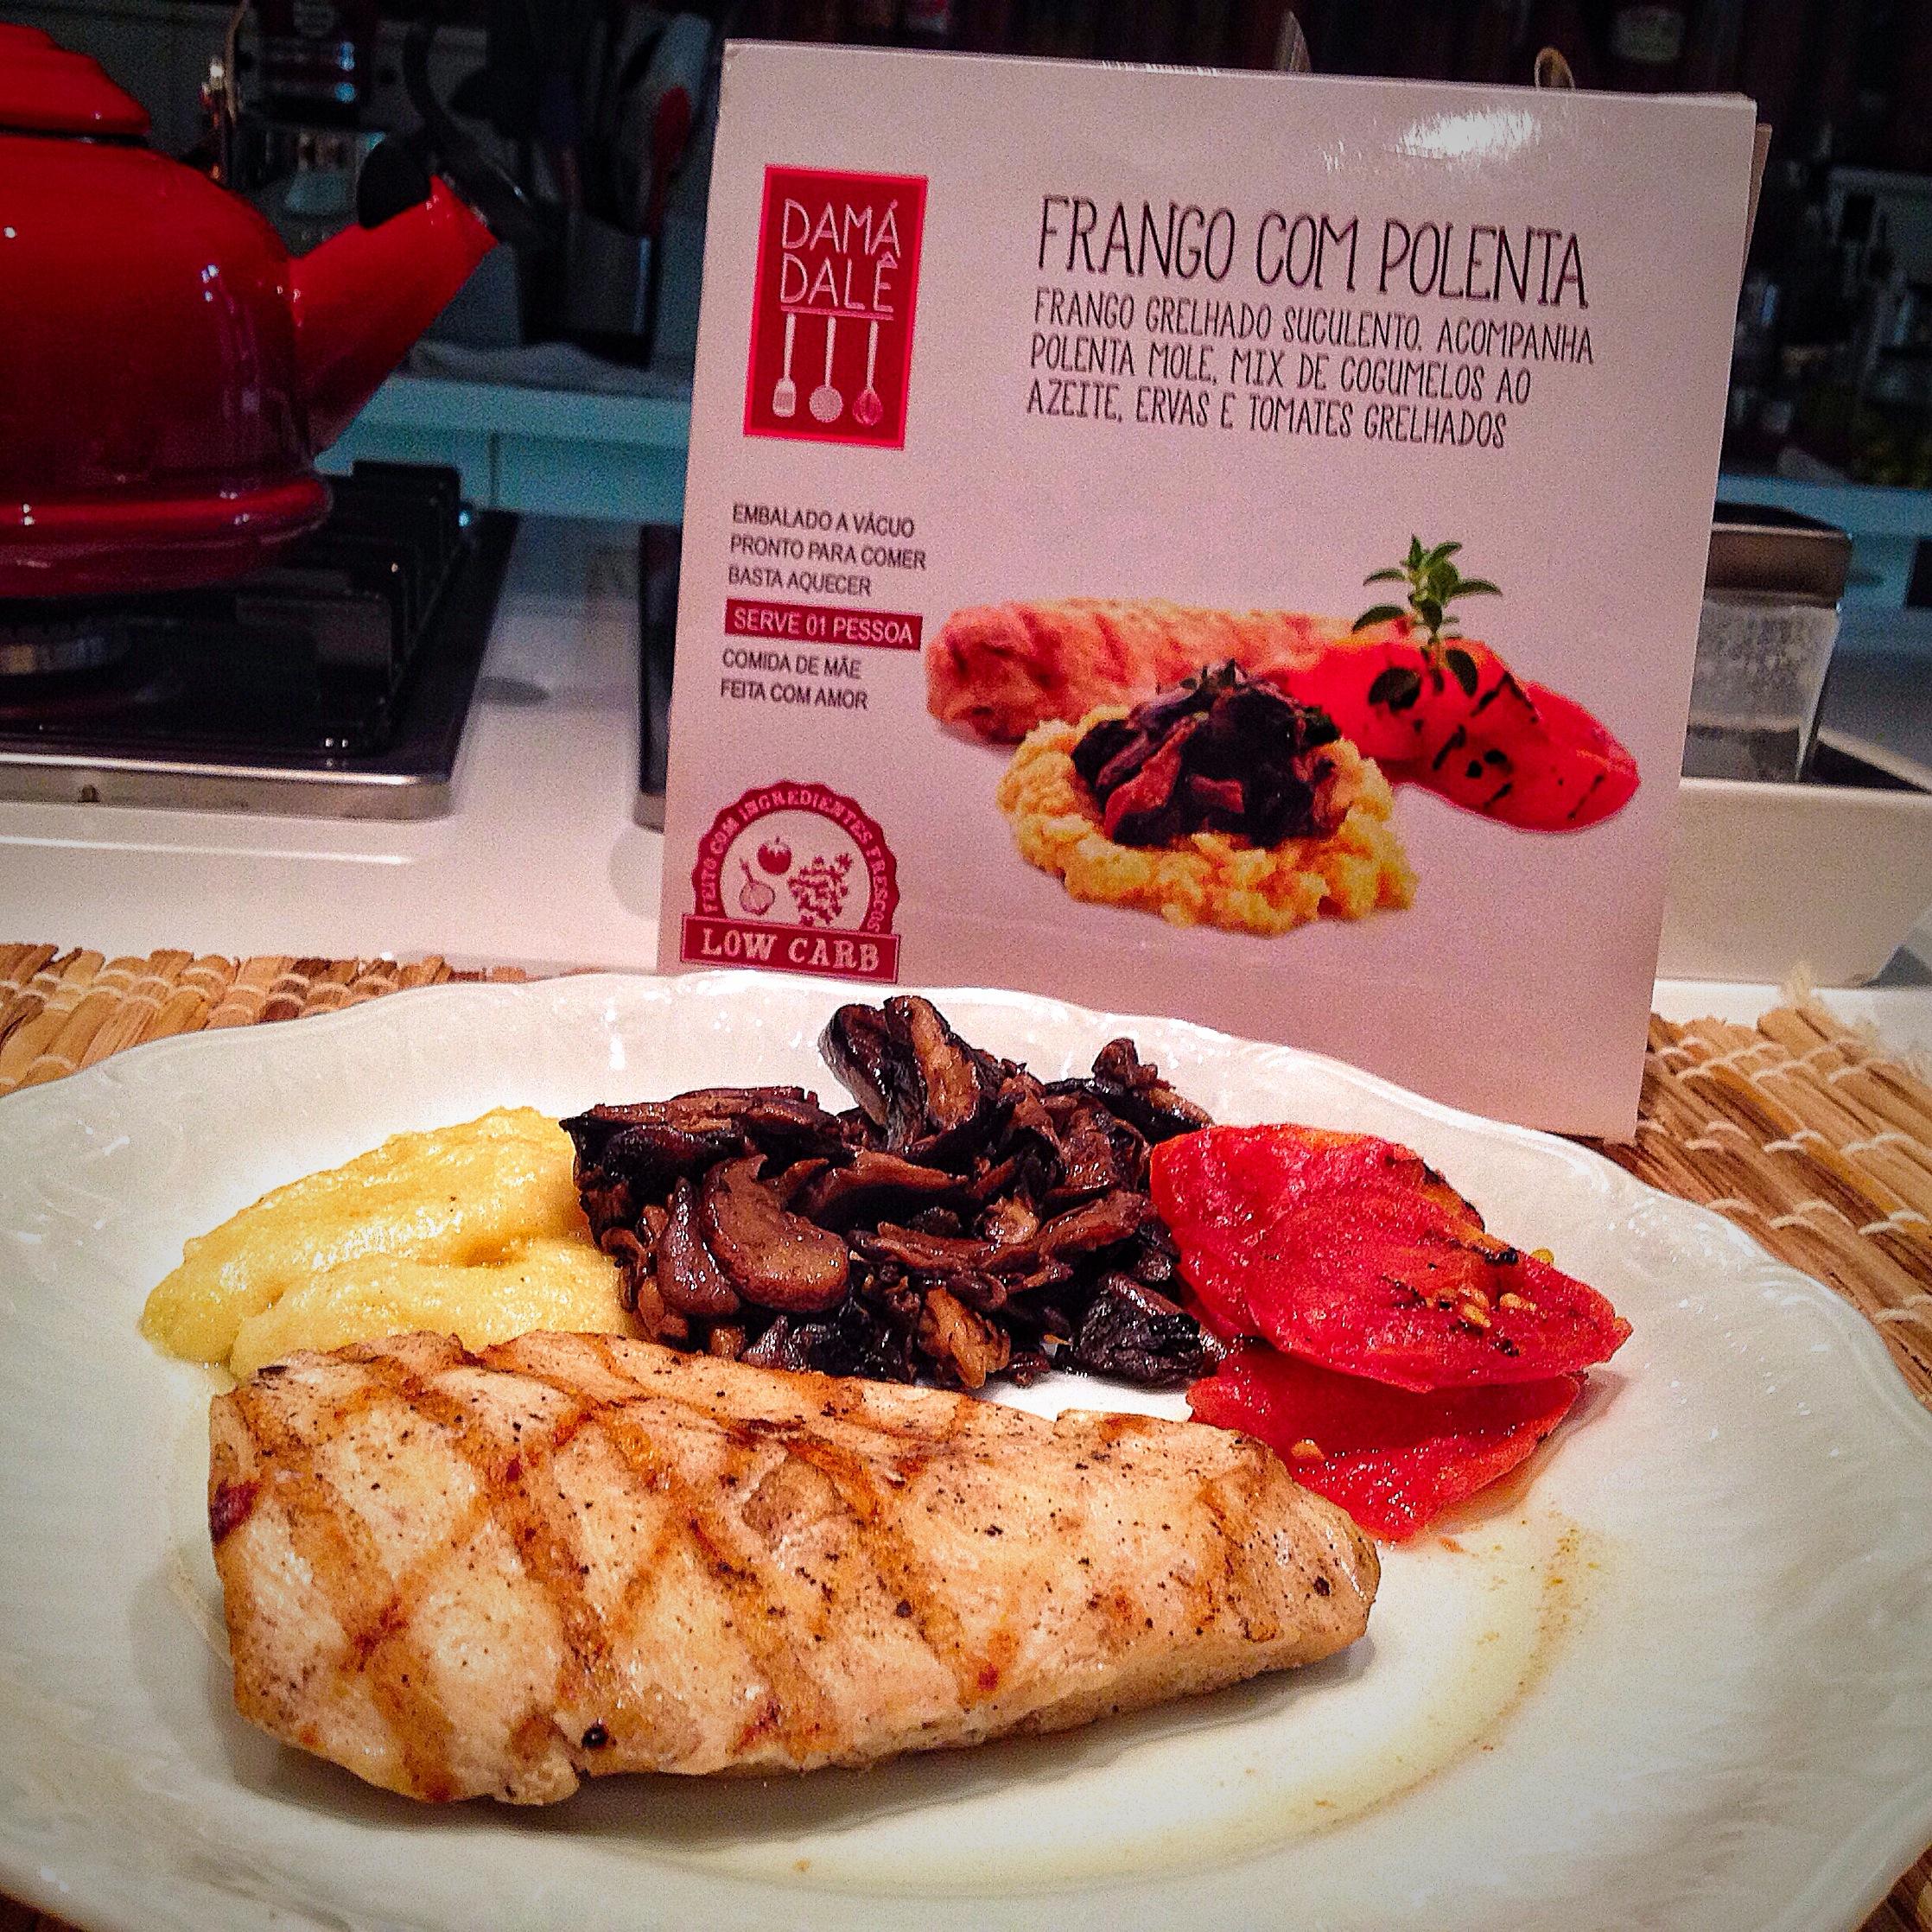 Opção Low Carb (244 kcal): Frango grelhado com polenta mole, mix de cogumelos ao azeite e ervas e tomates grelhados.